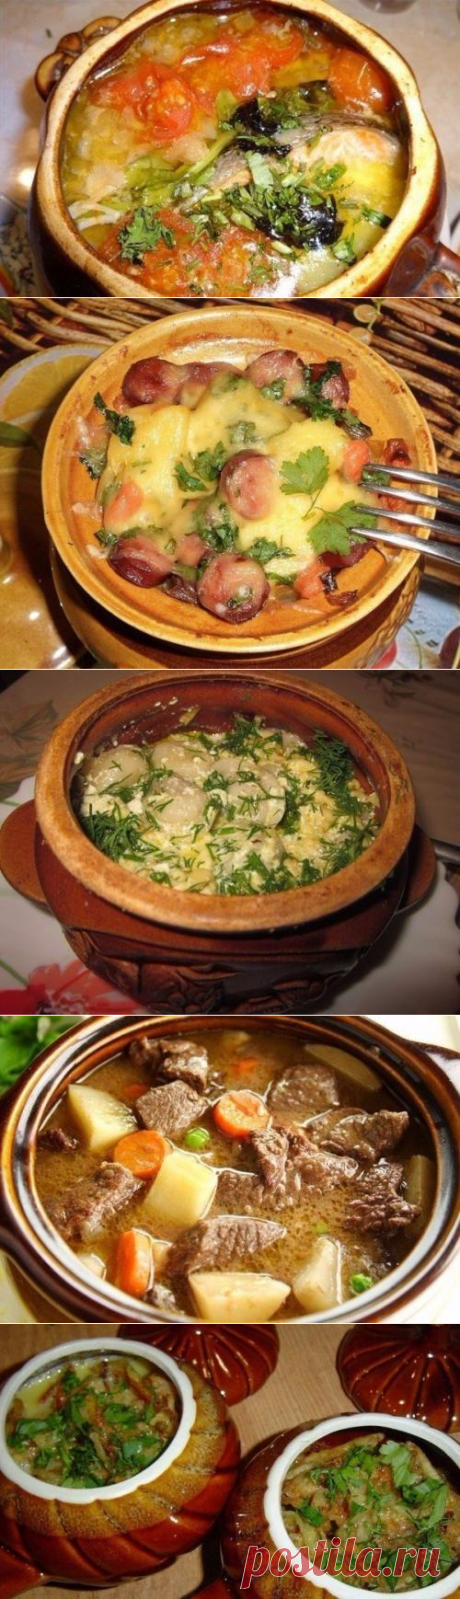 Обалденные блюда в горшочках: топ - 10 рецептов.